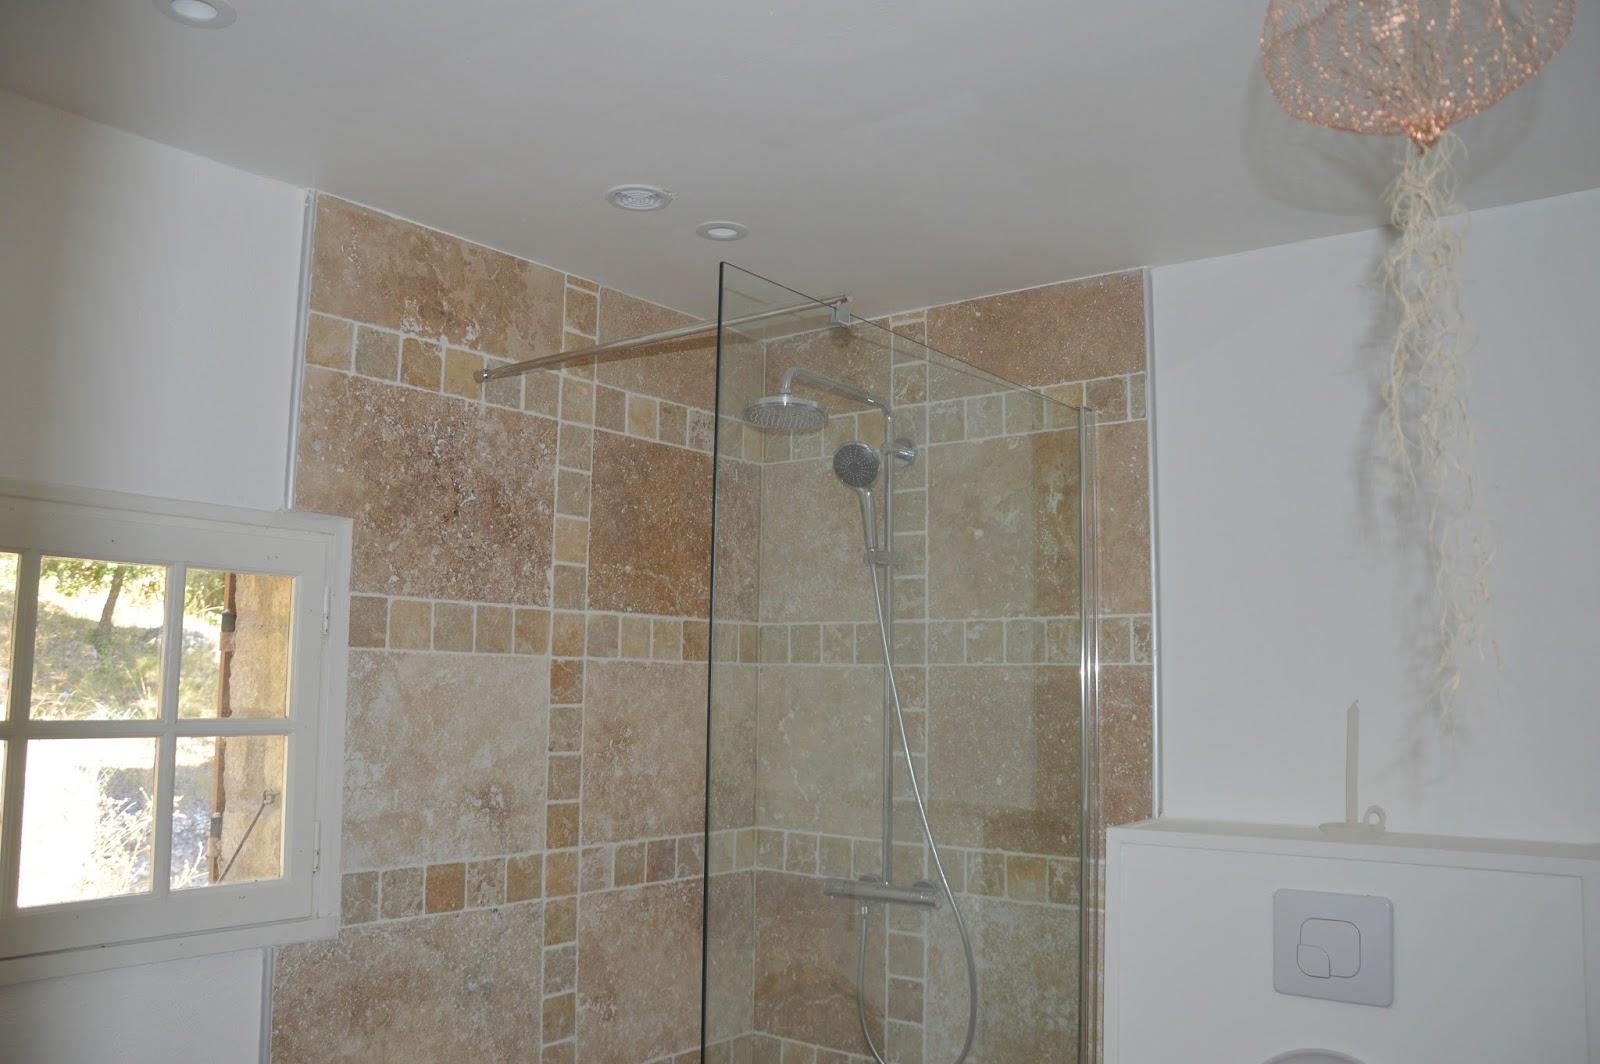 Maison malaucène renoveren de mezzanine de badkamer